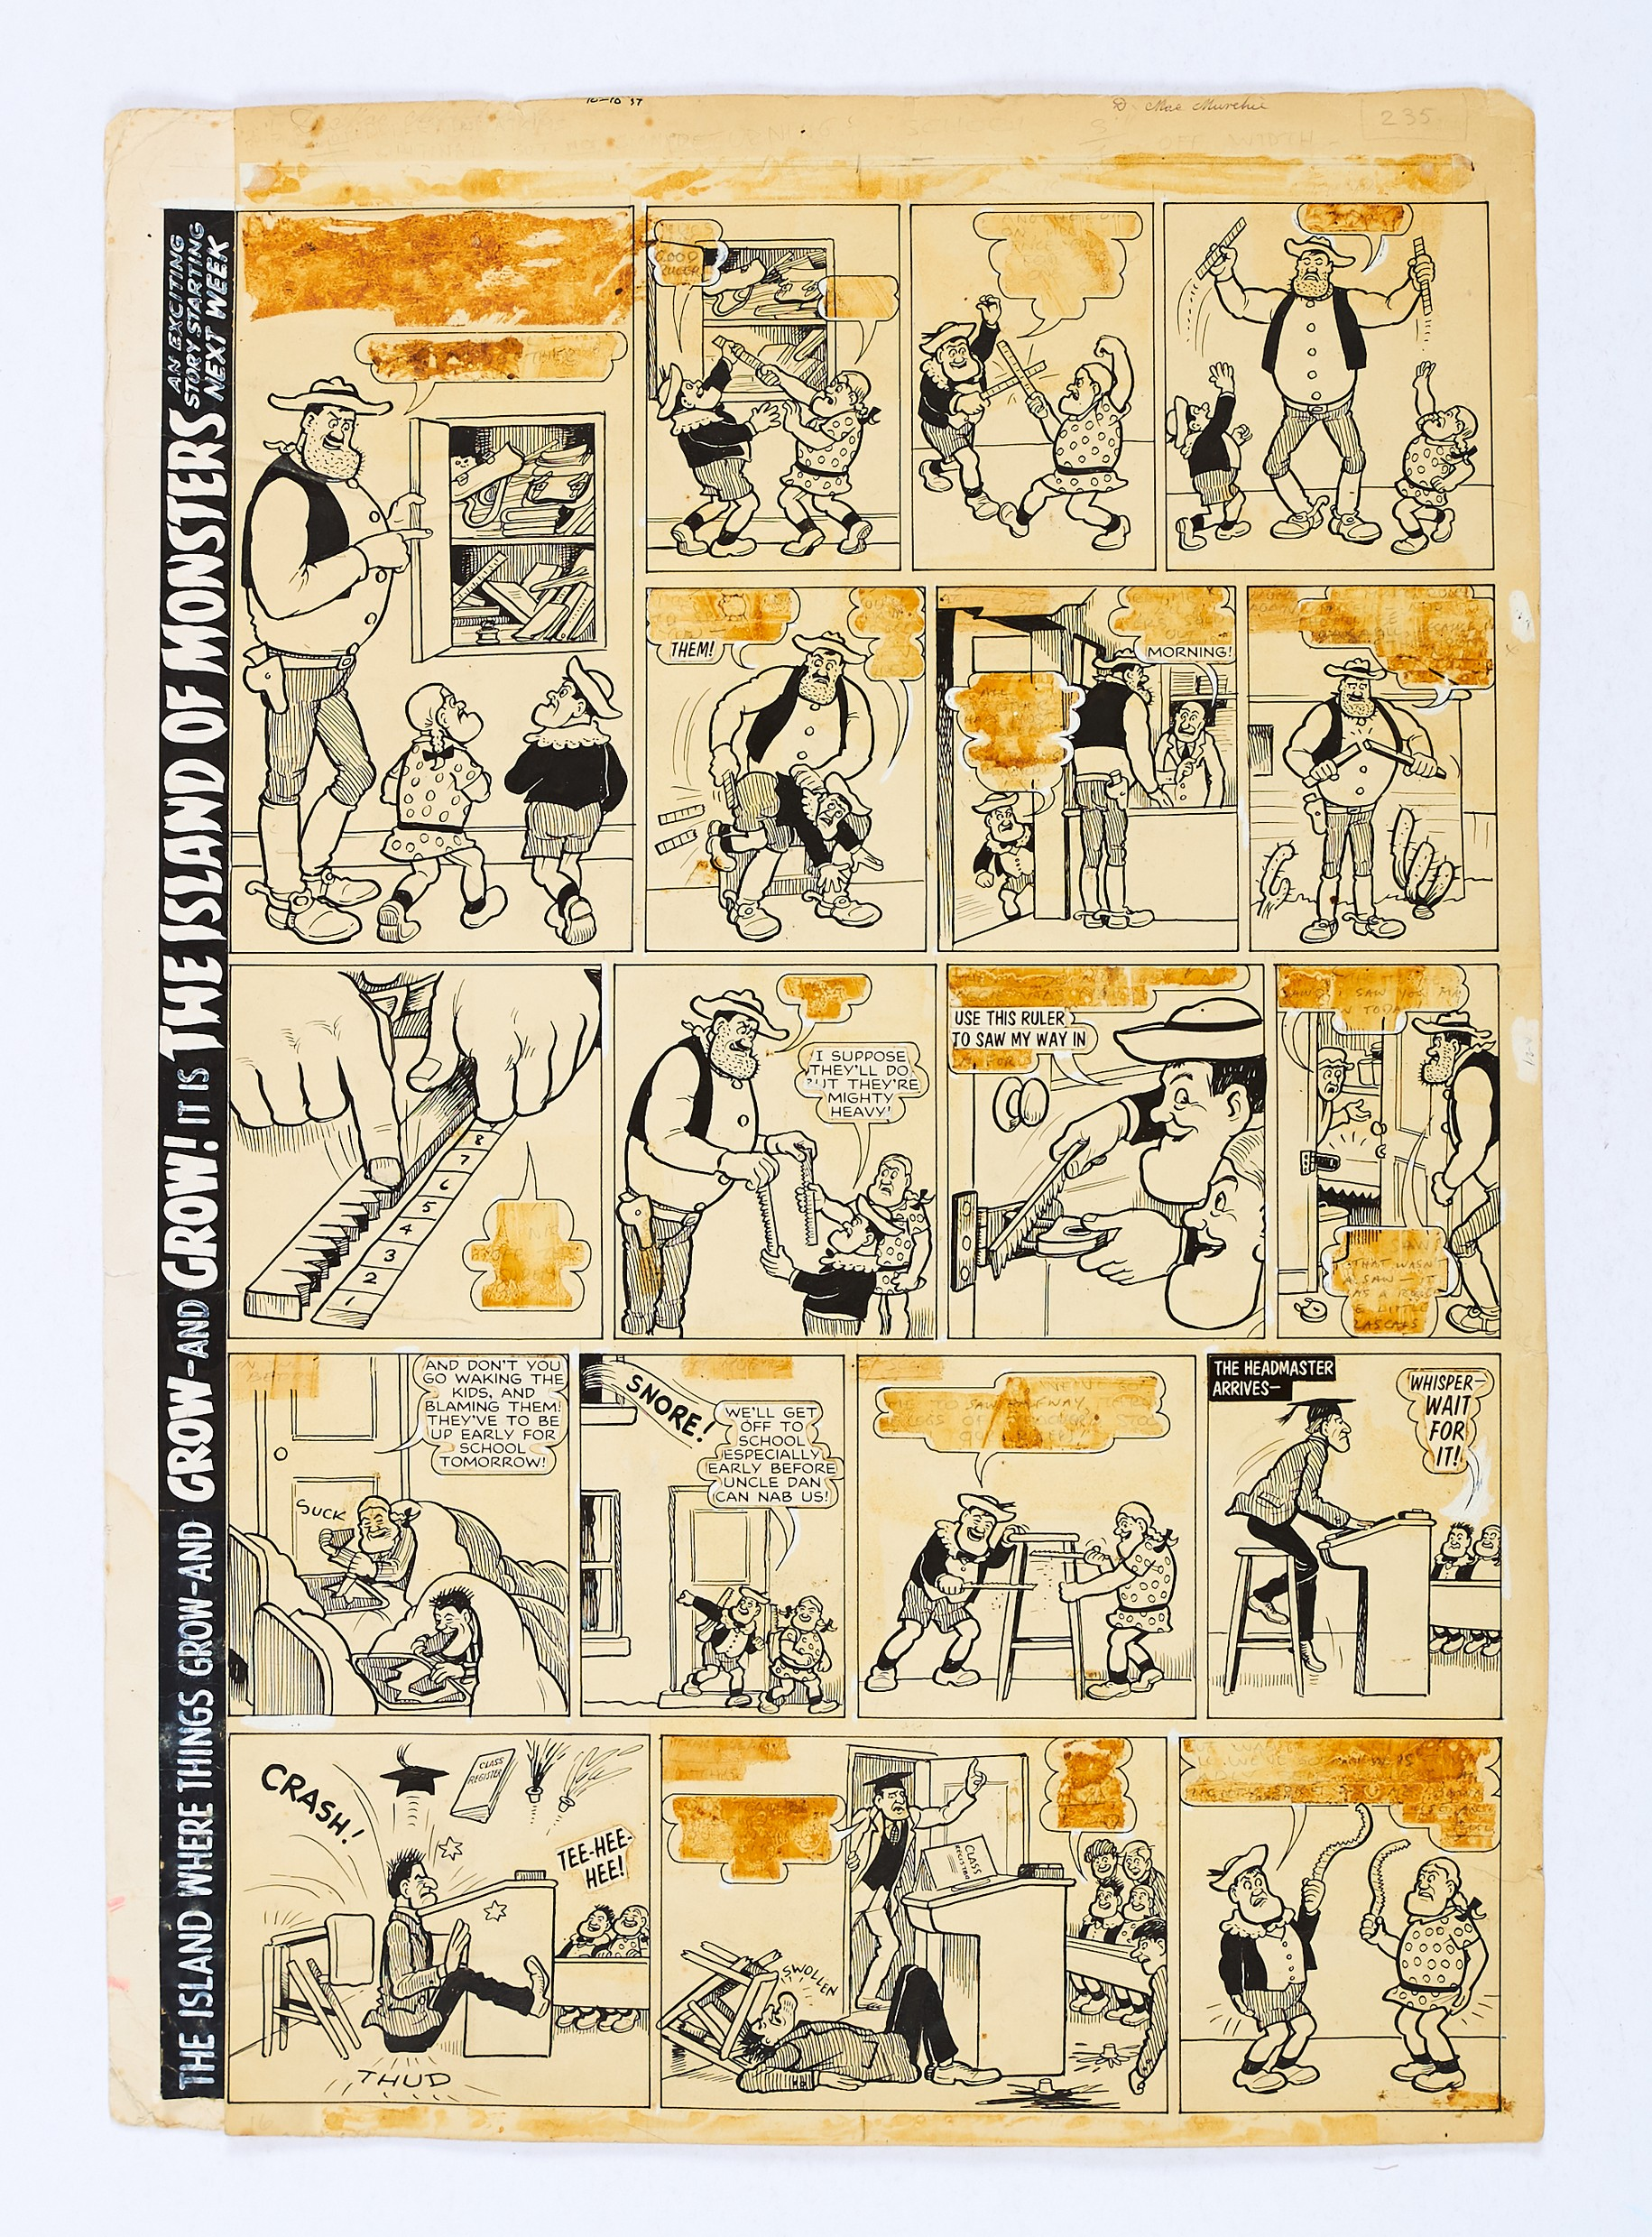 Lot 108 - Desperate Dan original artwork (1969) by Dudley Watkins from The Dandy (1969). Dan makes special